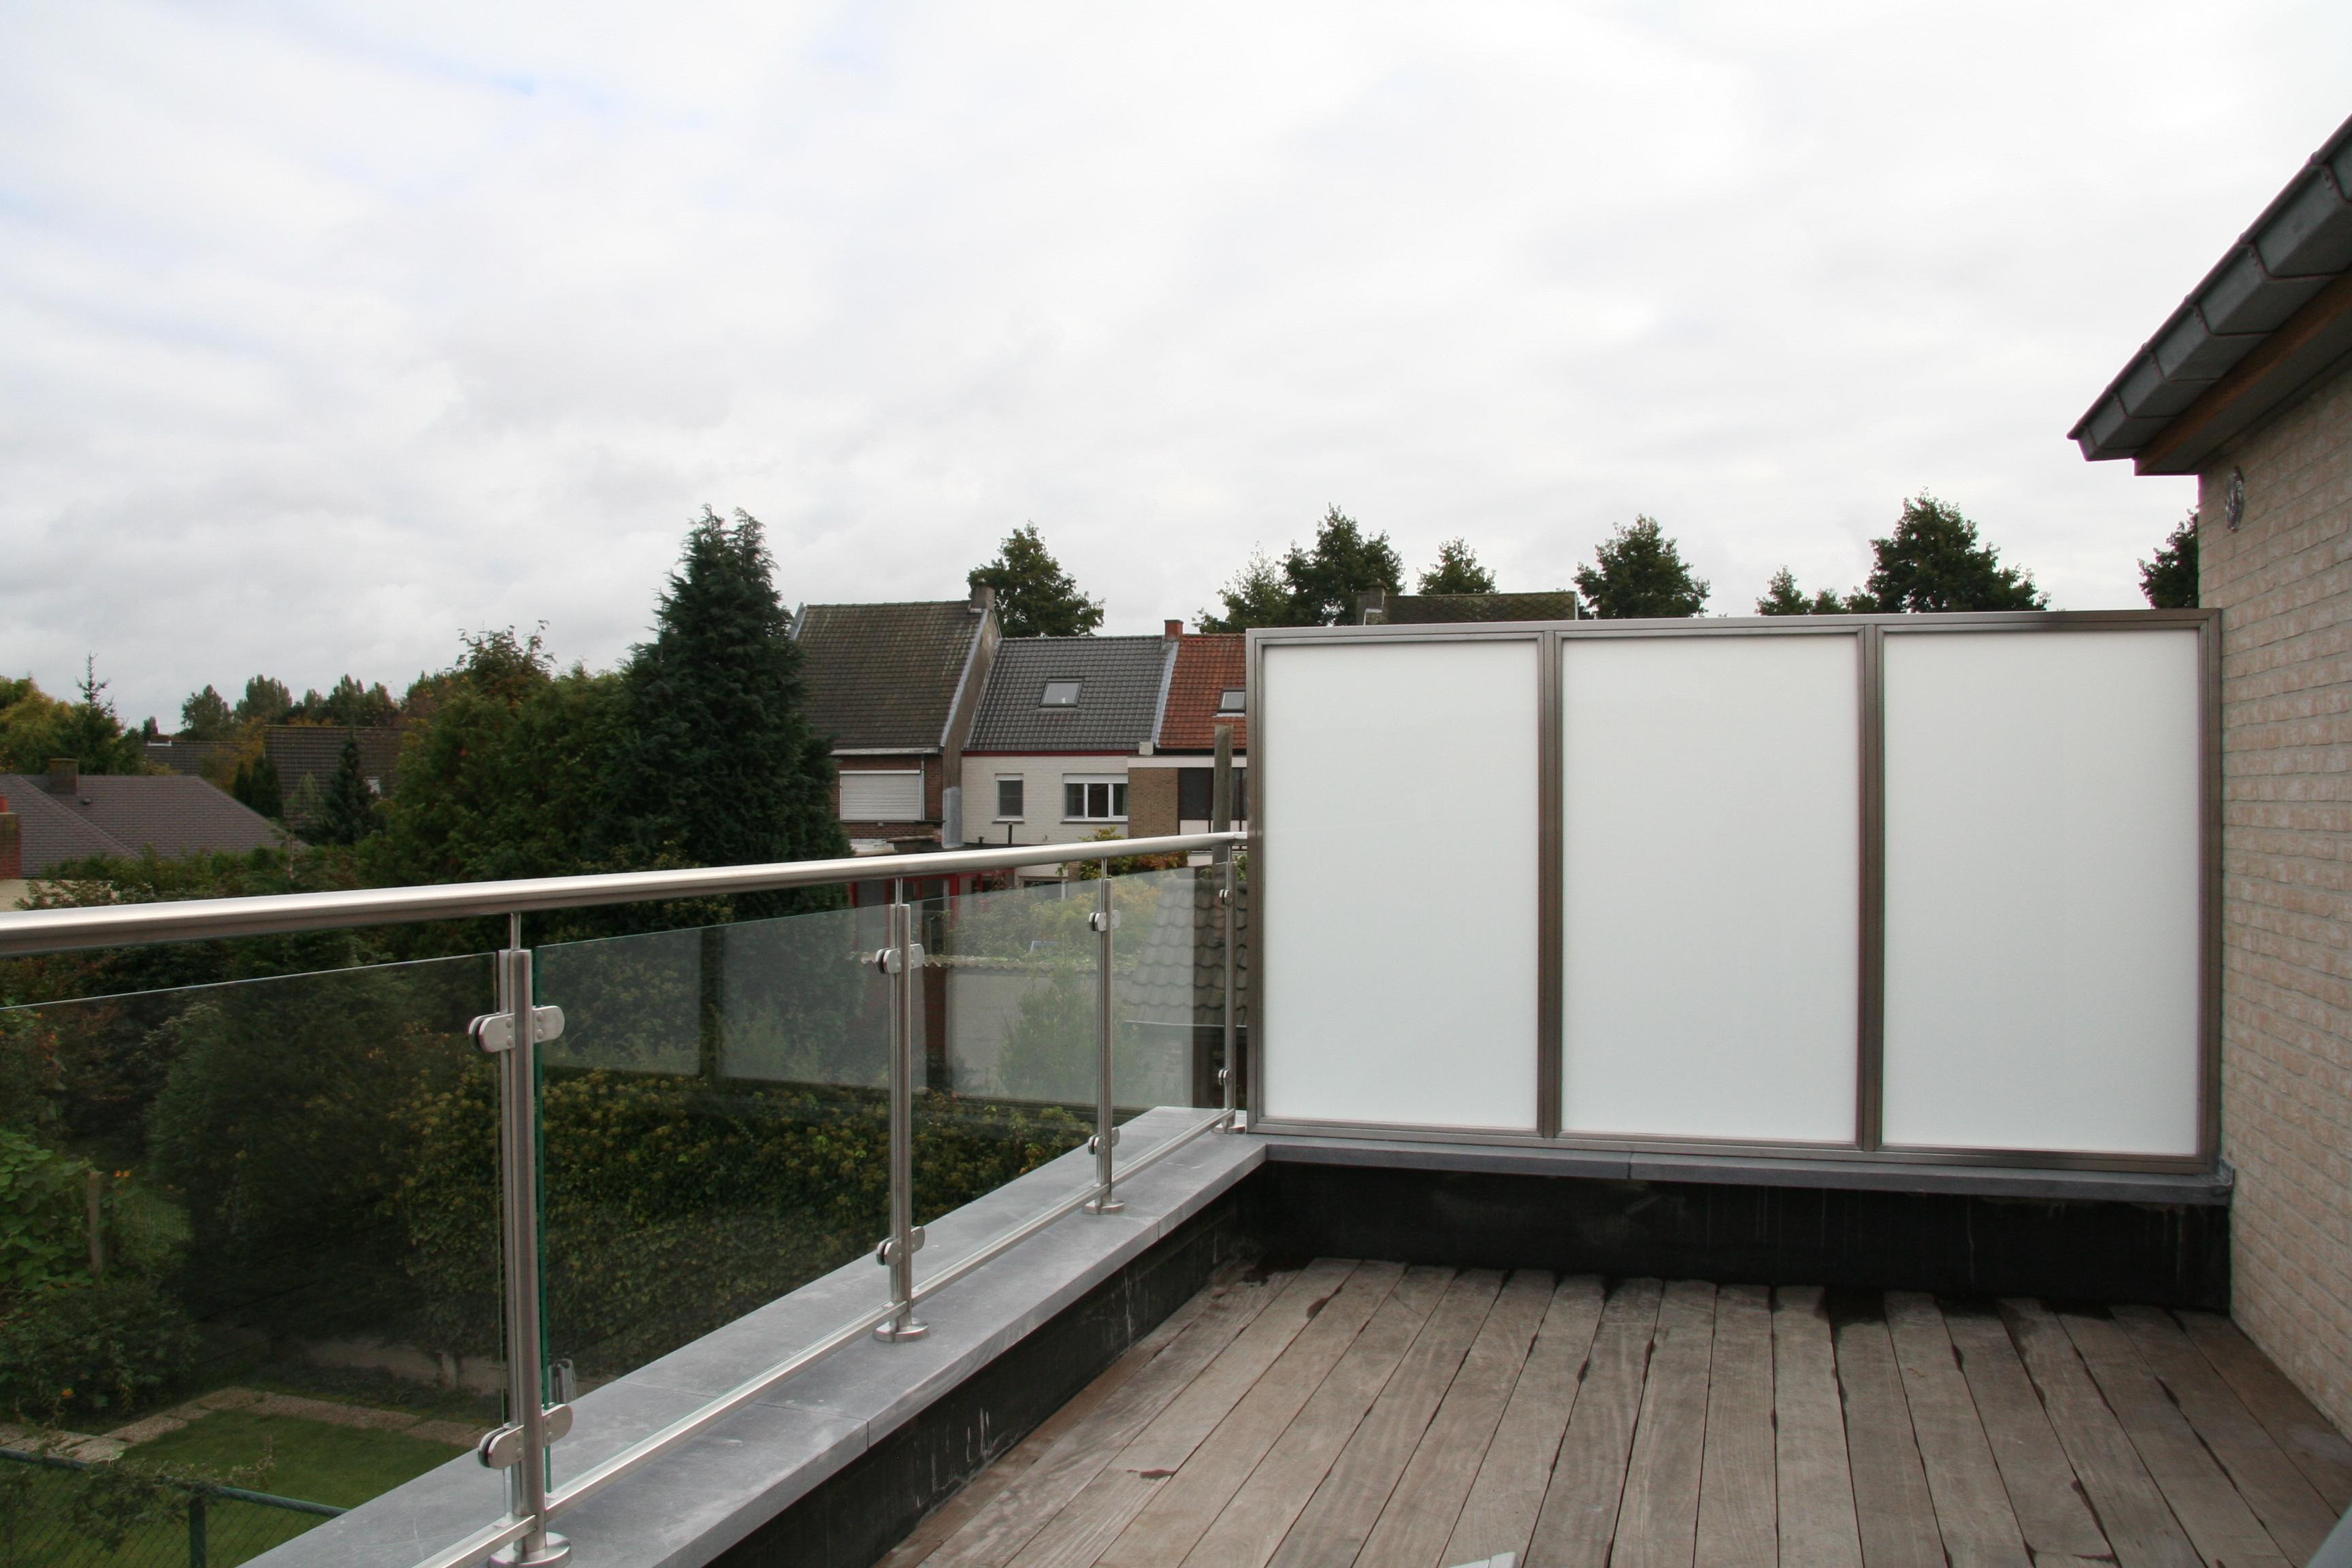 inox terrasafsluiting met glas panelen